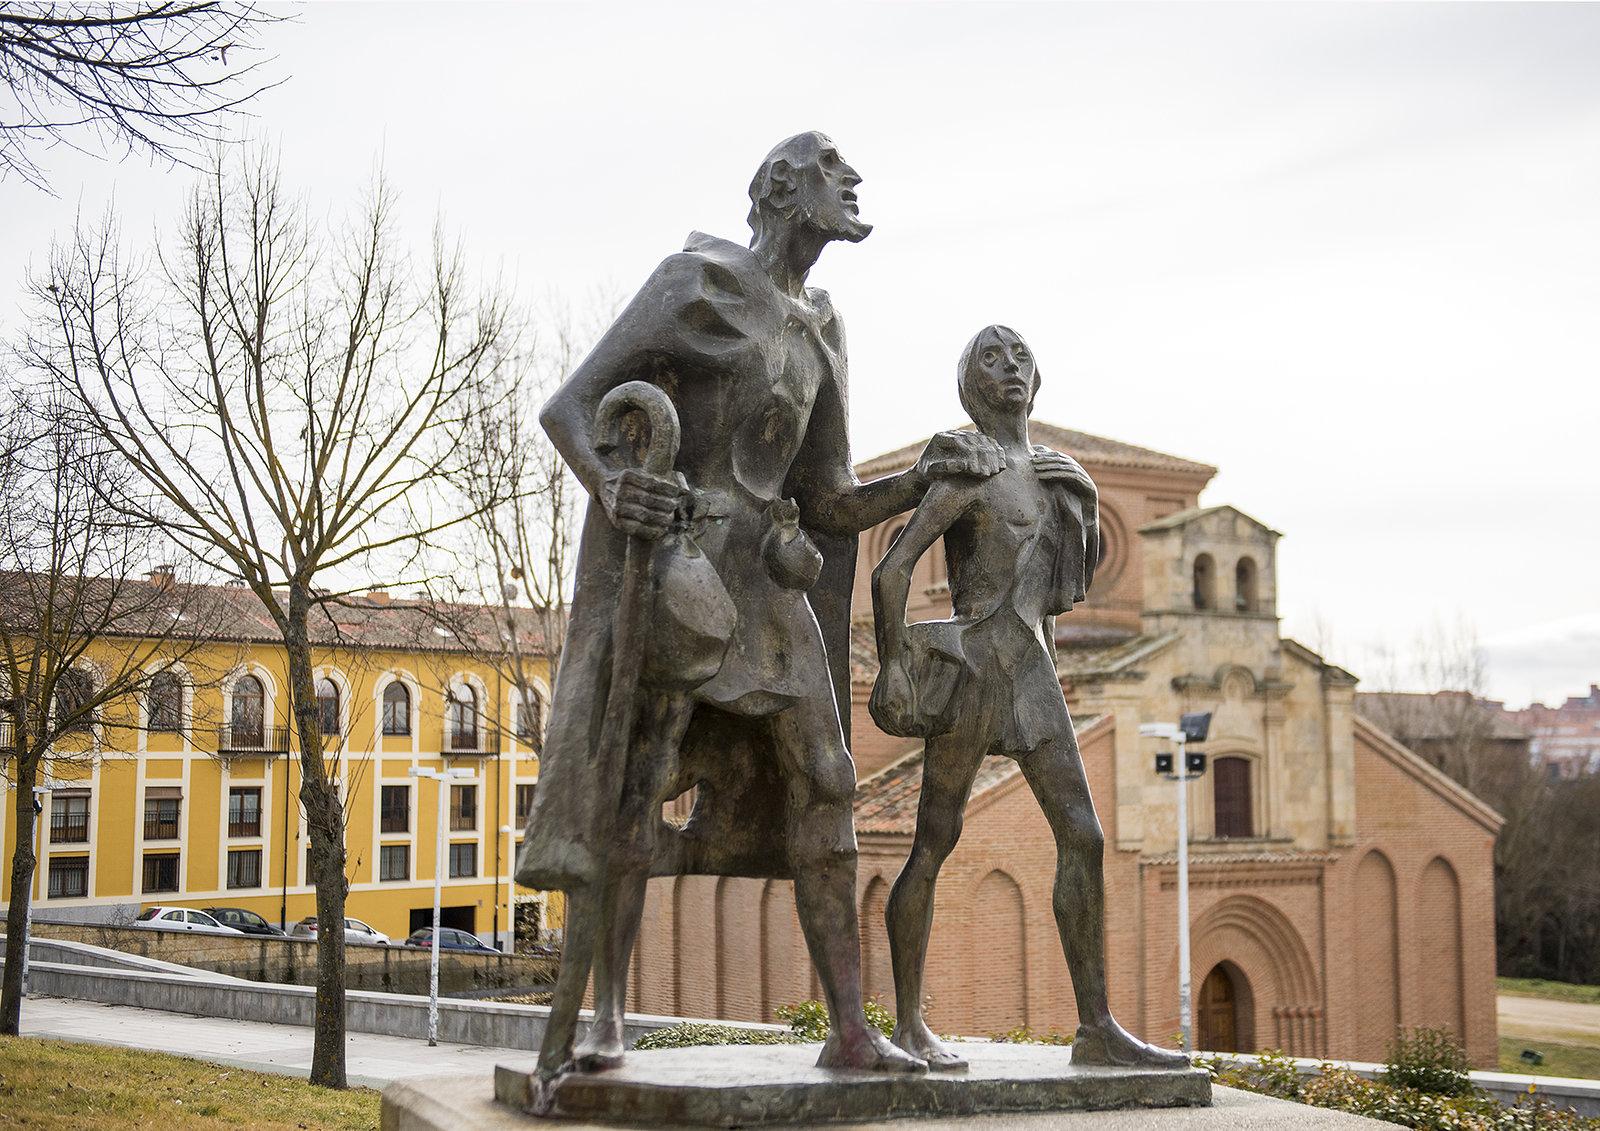 Lazarillo Del Tormes. Salamanca, Spain